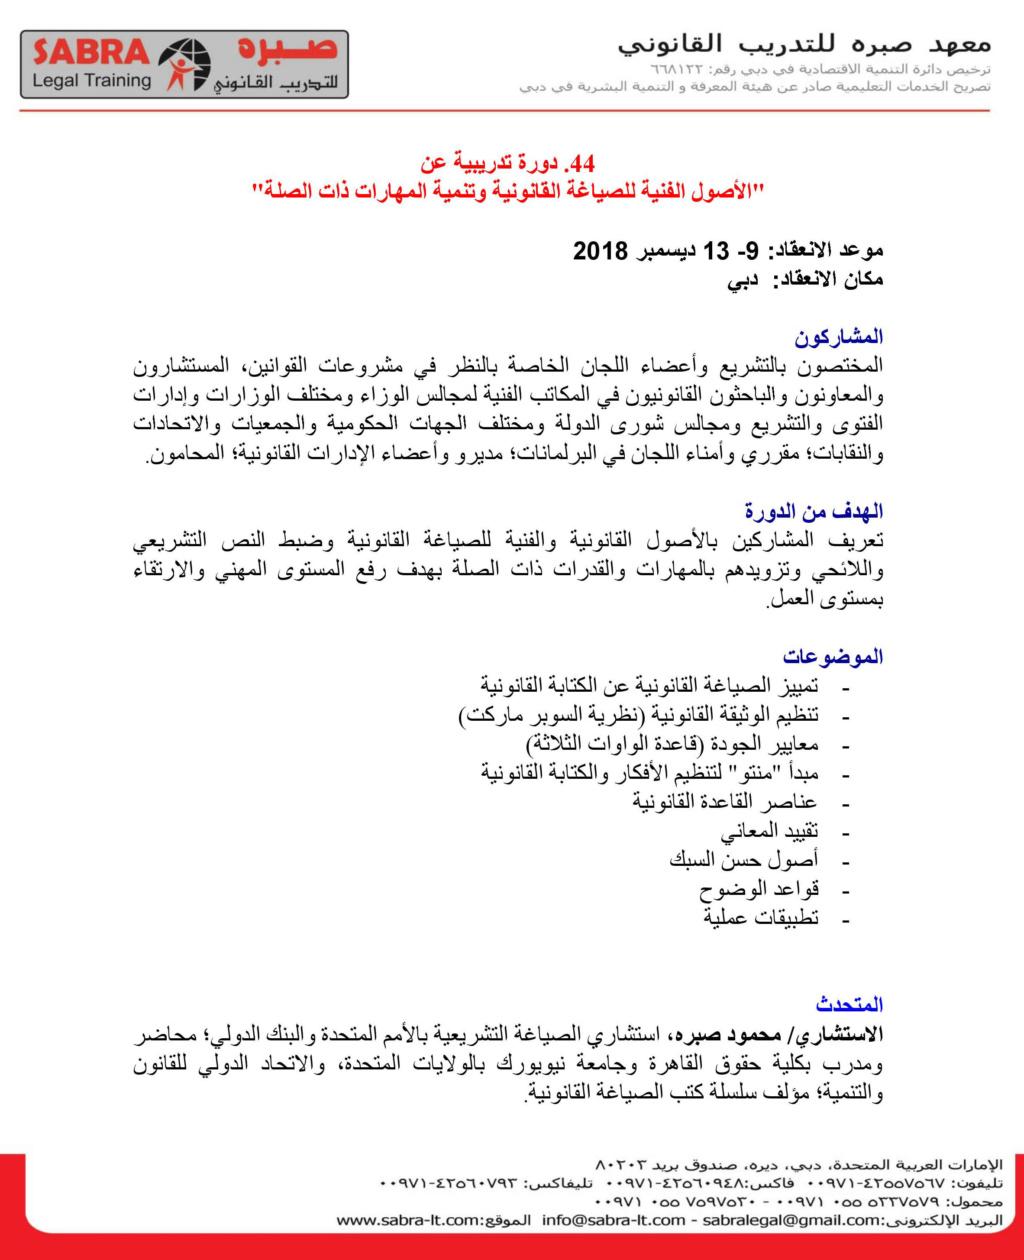 الأصول الفنيّة للصياغة القانونية وتنمية المهارات القانونية 44_eia14